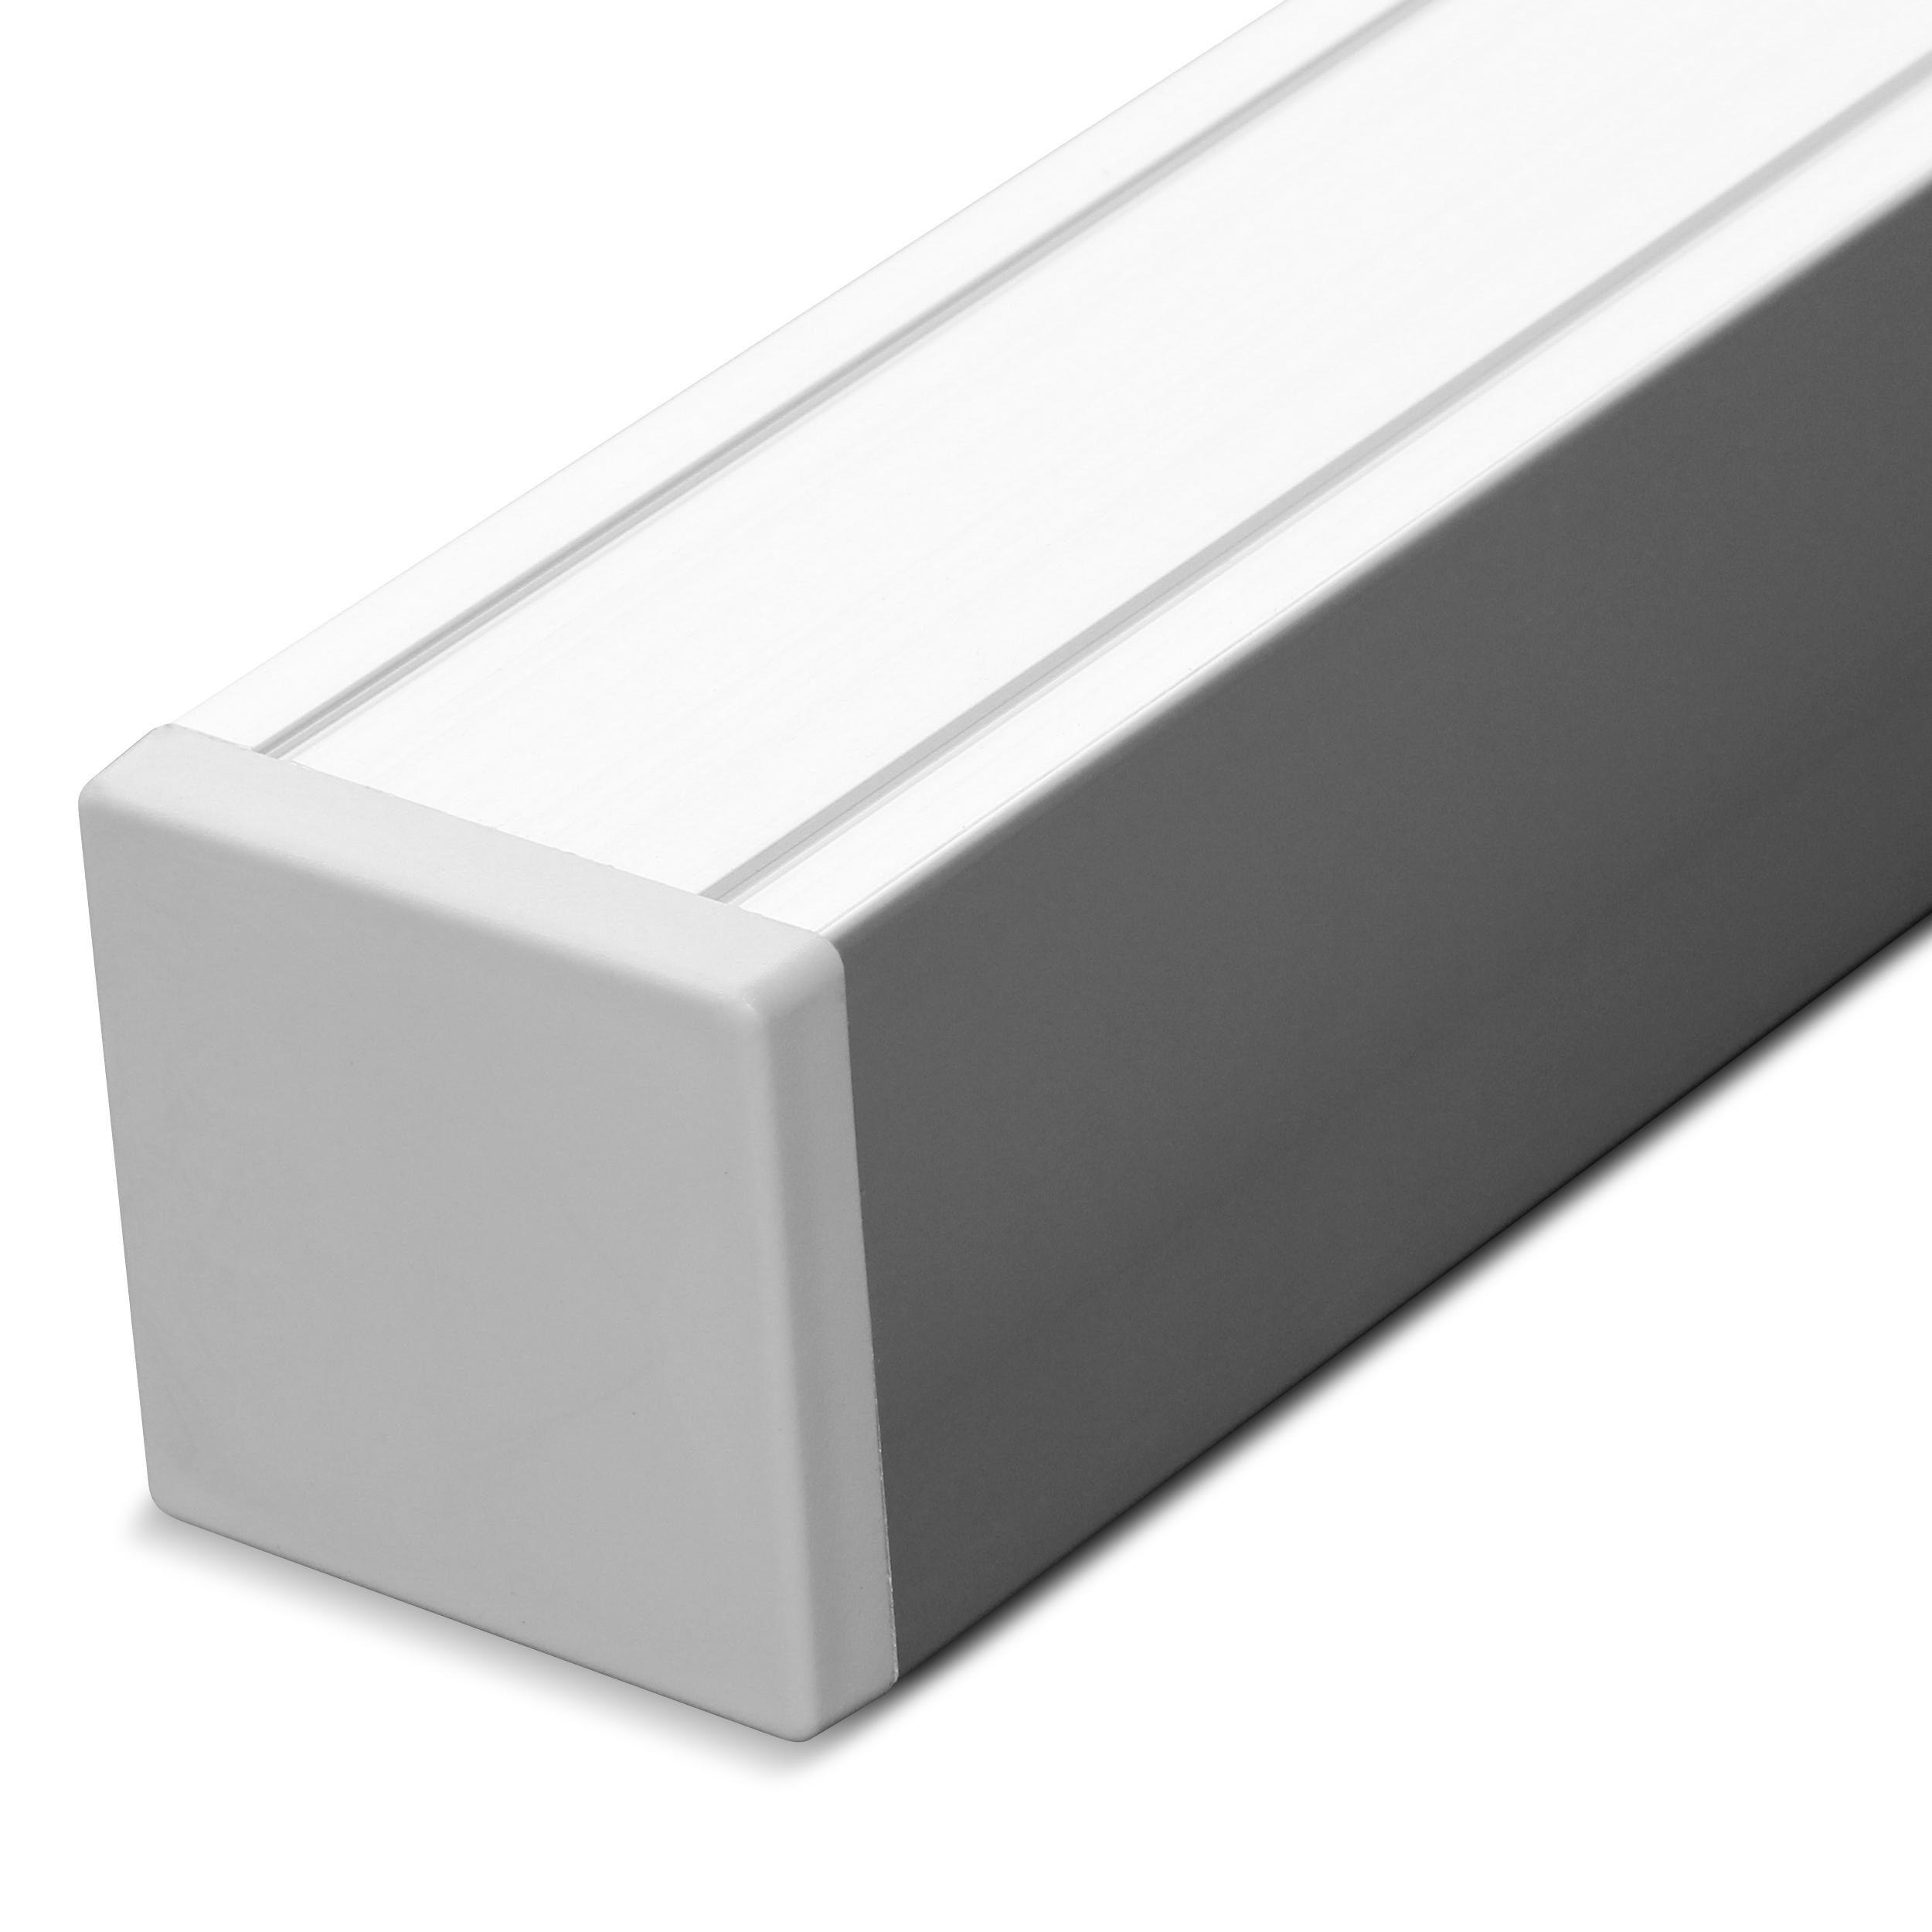 TOMI Exclusive / Silver Line Aluminium-Pfosten Anthrazit 185 x 6,8 x 6,8 cm